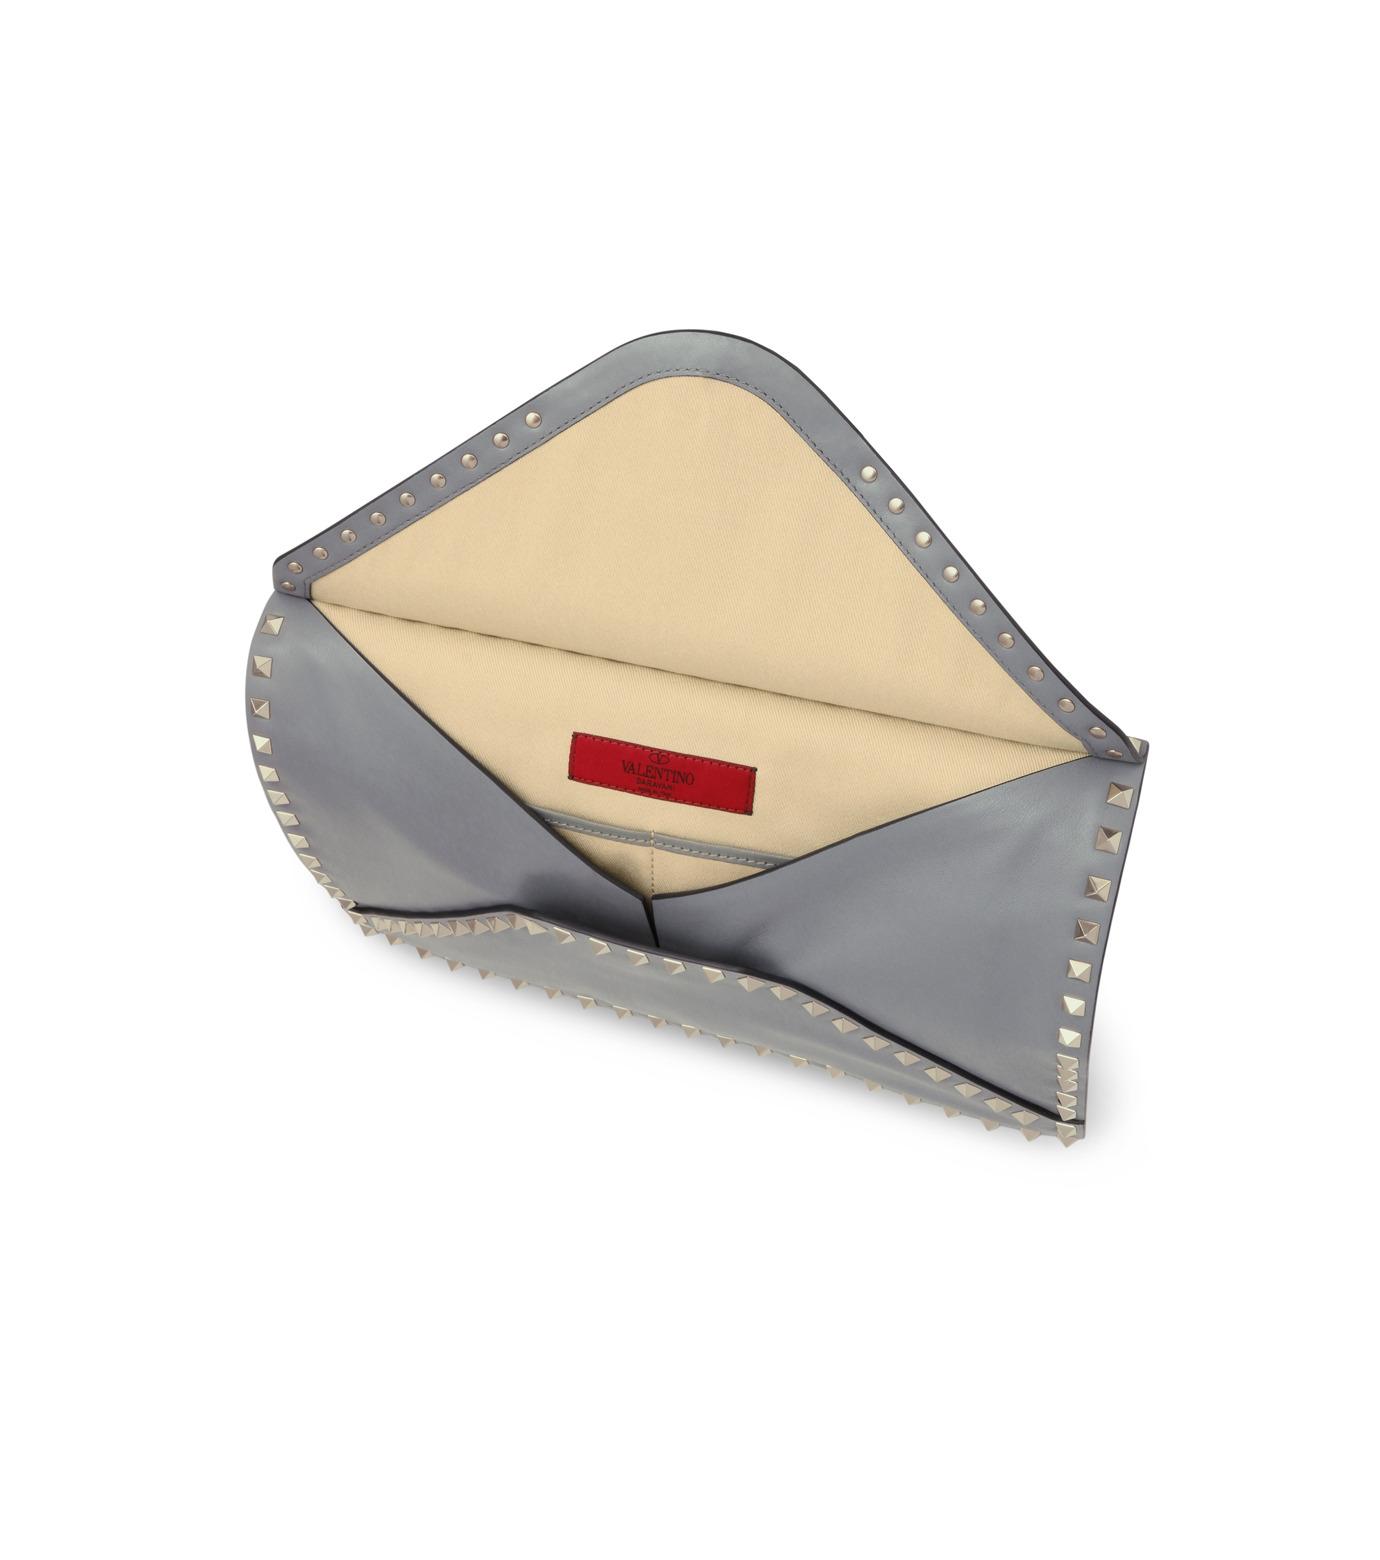 VALENTINO GARAVANI(ヴァレンティノ ガラヴァーニ)のRockstuds Envelop Clutch-GRAY(クラッチバッグ/clutch bag)-LW2B0100BOL-11 拡大詳細画像4